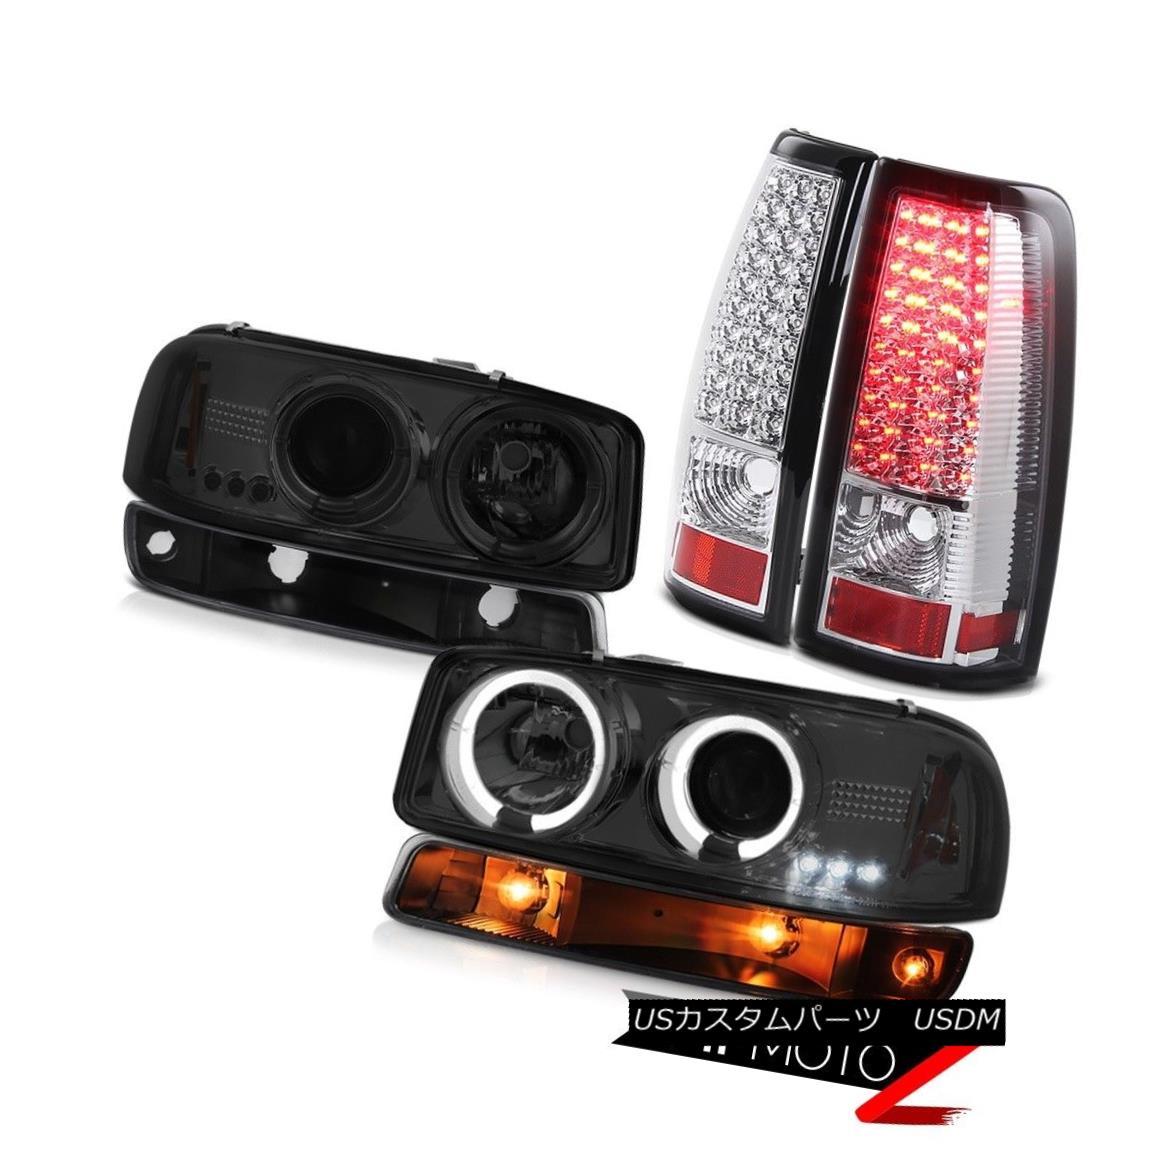 ヘッドライト 1999-2002 Sierra 3500HD Euro chrome led tail lights black bumper lamp headlamps 1999-2002シエラ3500HDユーロクロームLEDテールライトブラックバンパーランプヘッドライト